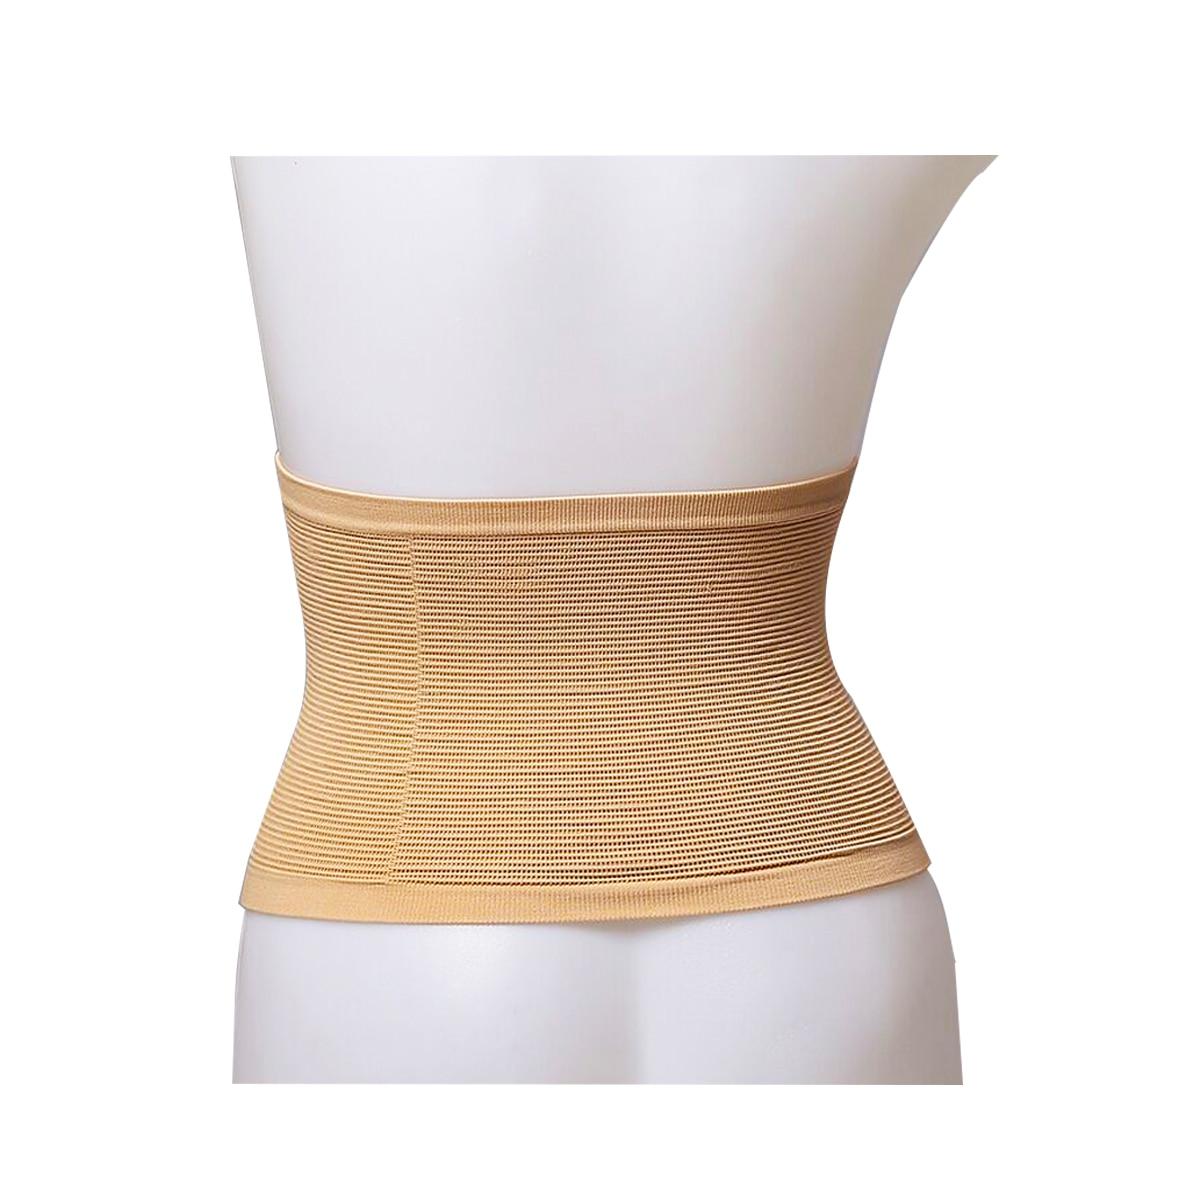 Компрессионный Пояс Для Похудения. Пояс для похудения: эффективный инструмент или модная безделушка